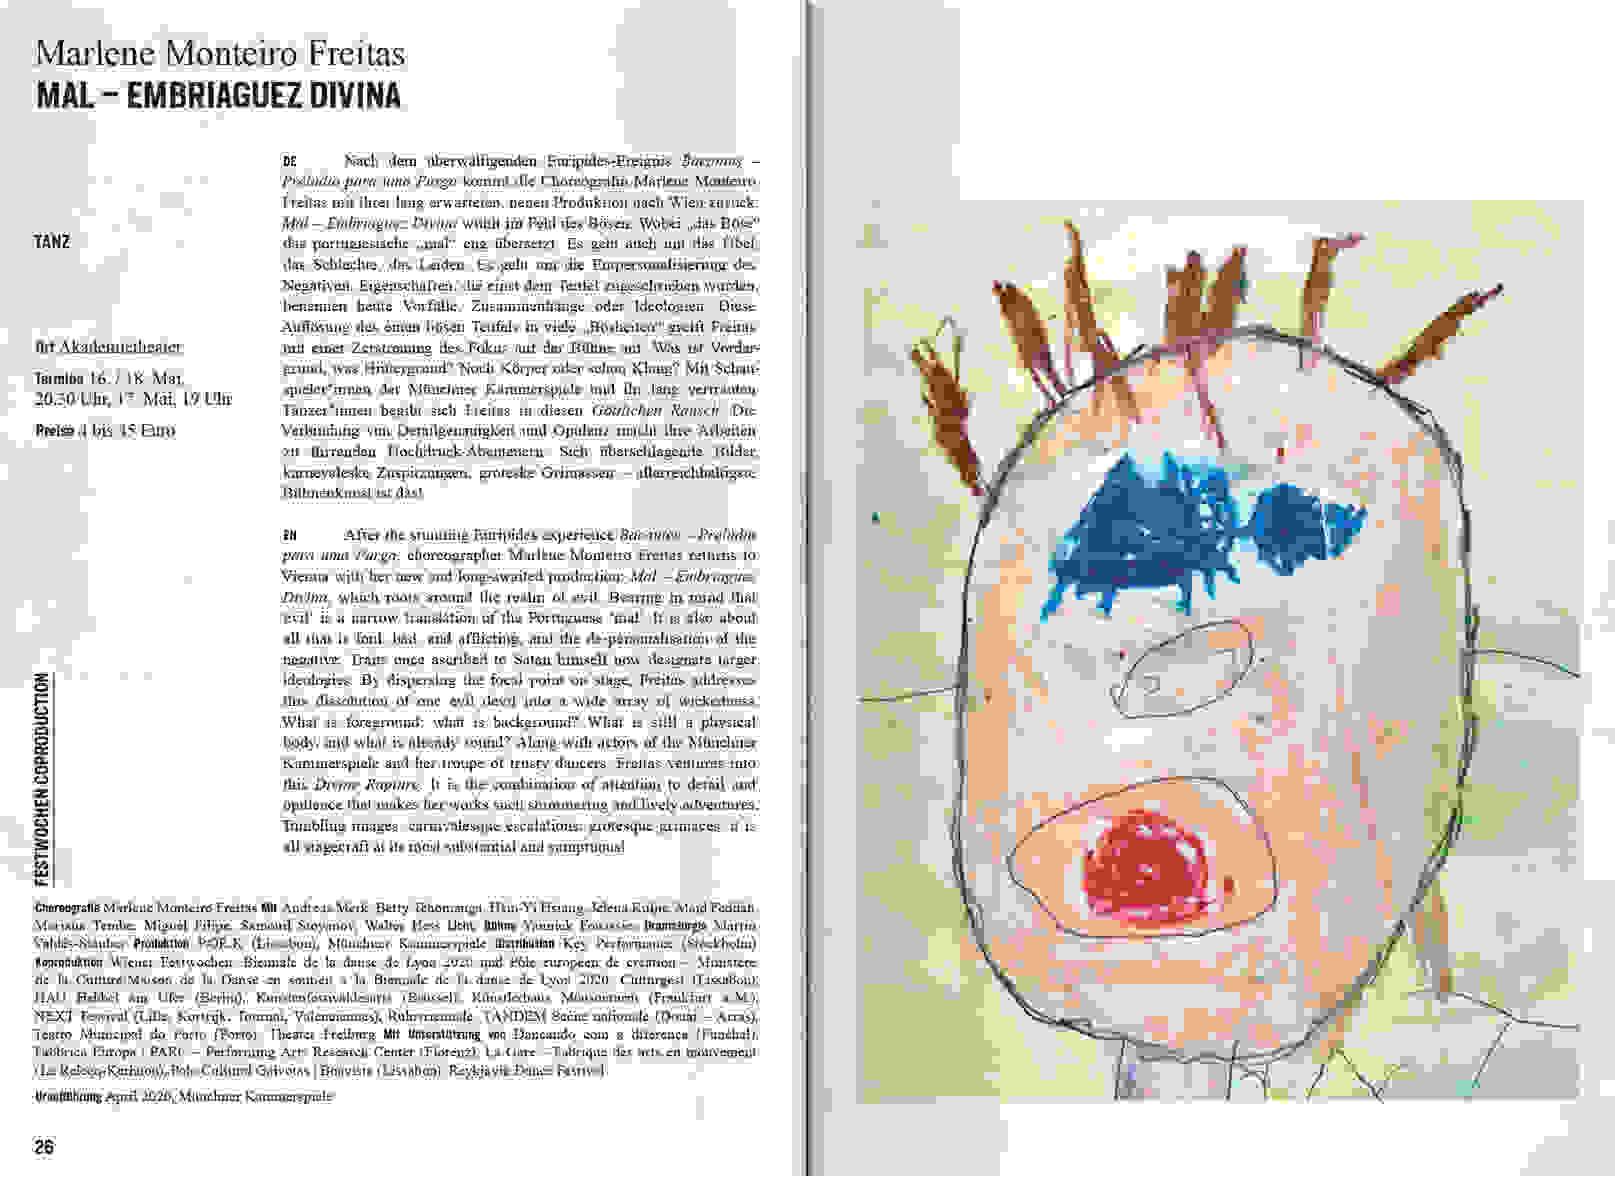 WFW20 Programm Doppelseite 10